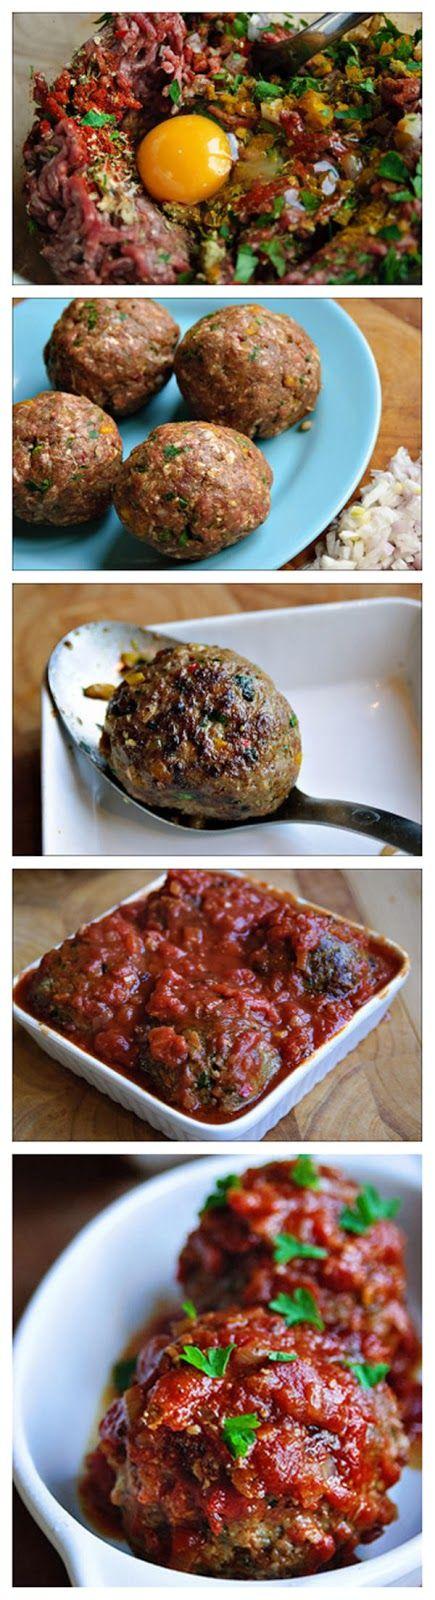 Best Food Cloud: Crazy Meatballs